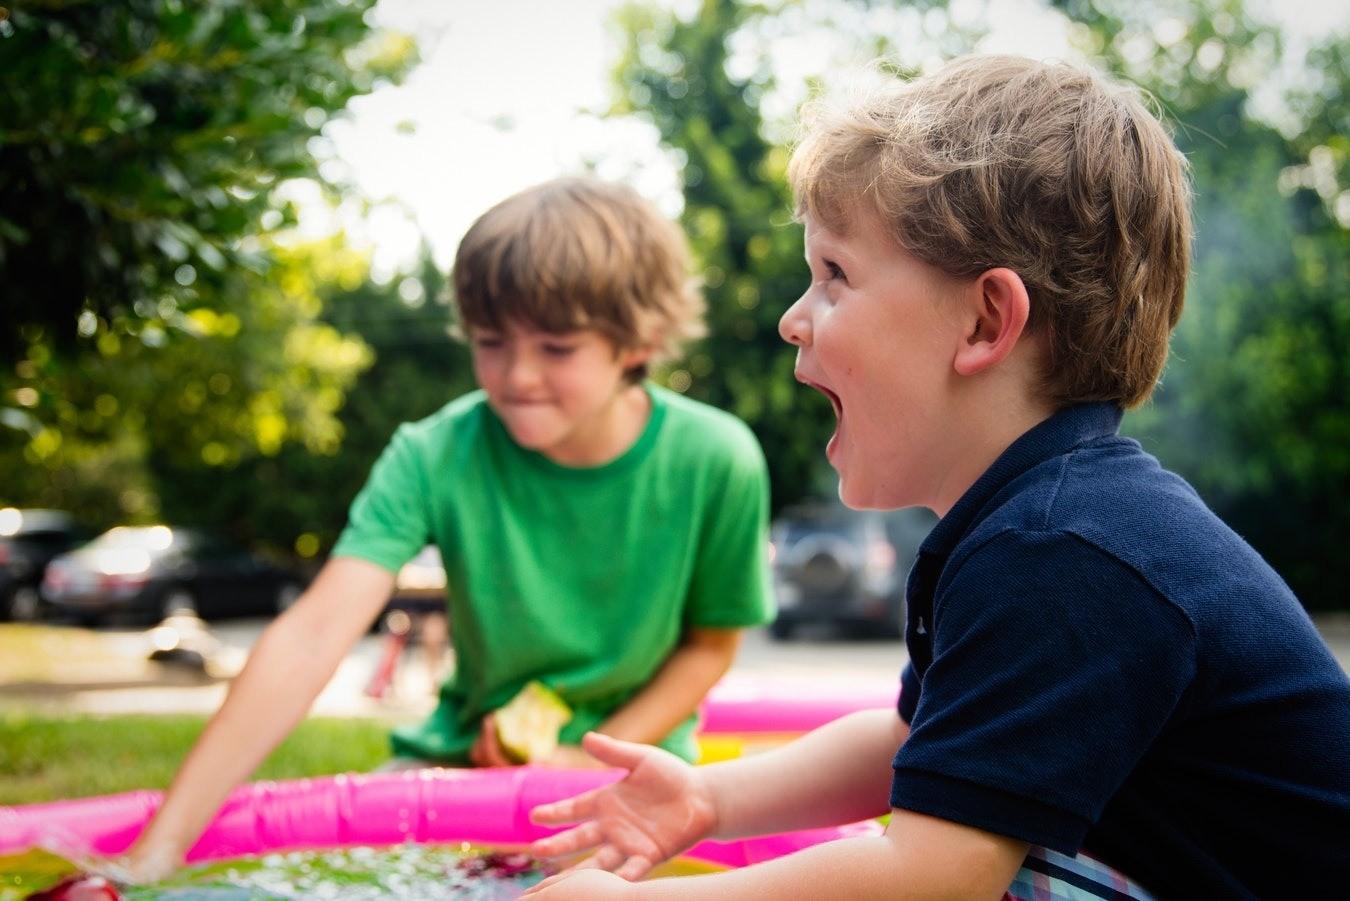 6 эффективных способов  сделать ребенка несчастным и неуверенным в себе (не надо так)